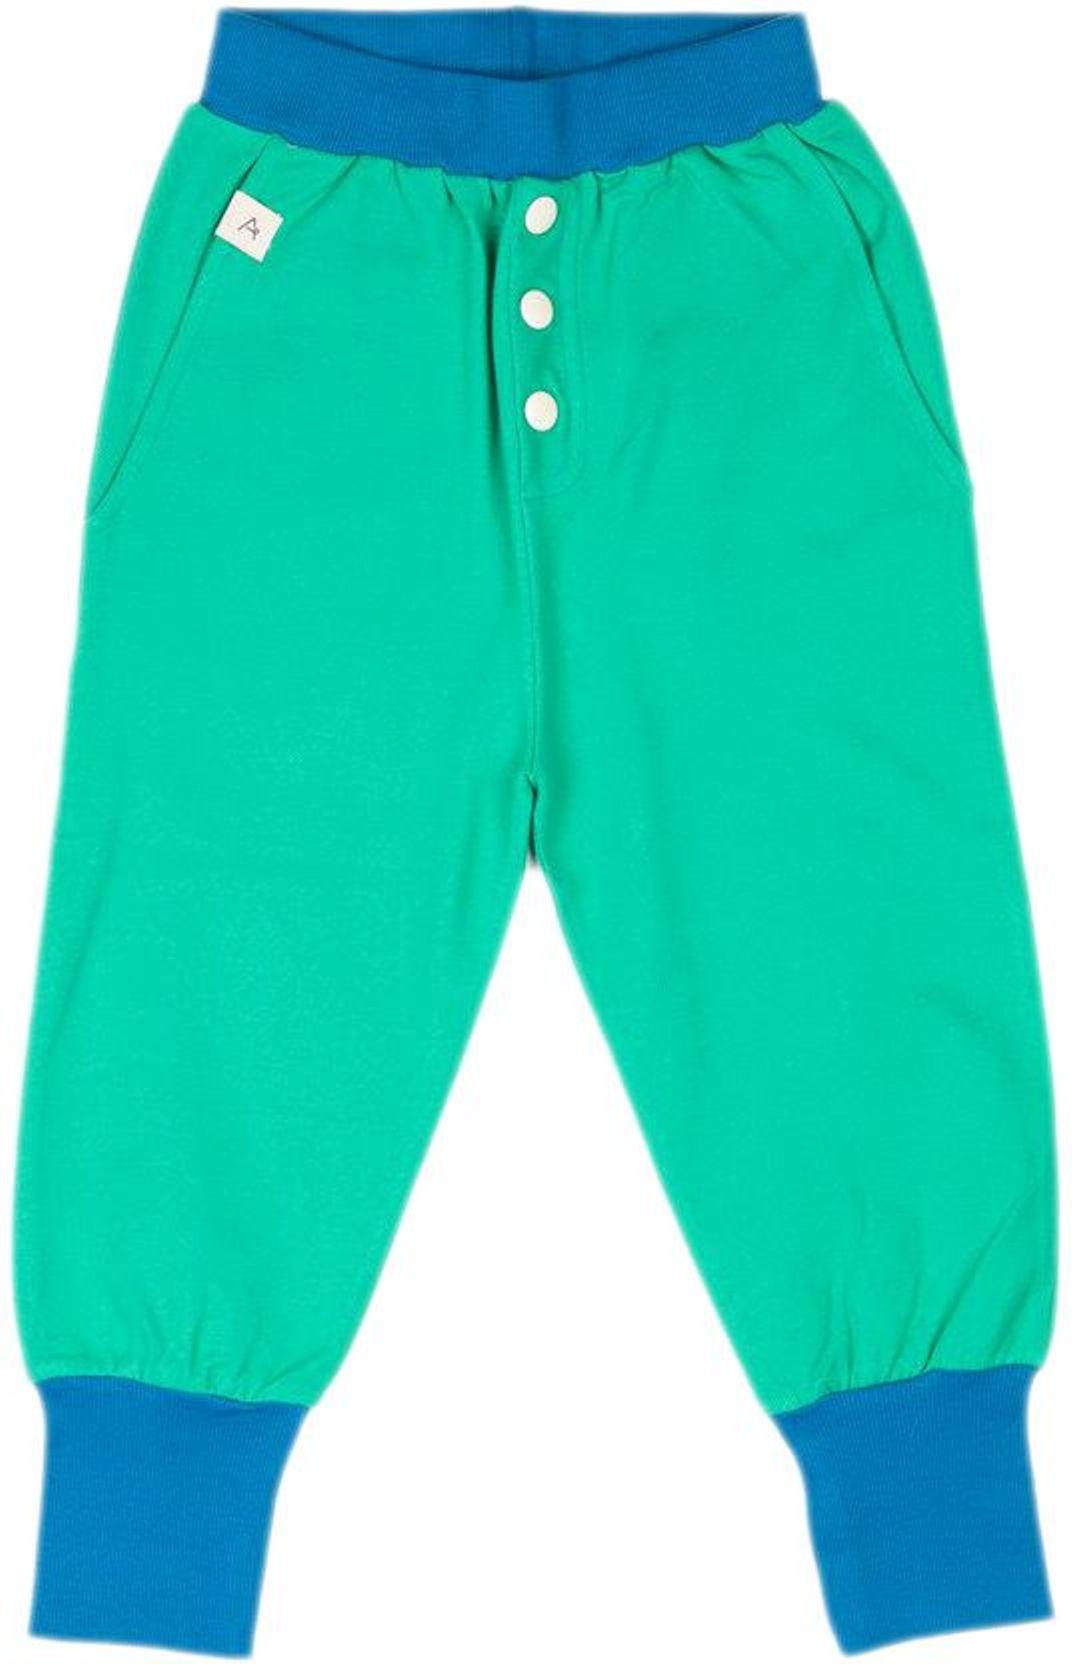 Alba of Denmark Boy Hose Button emerald